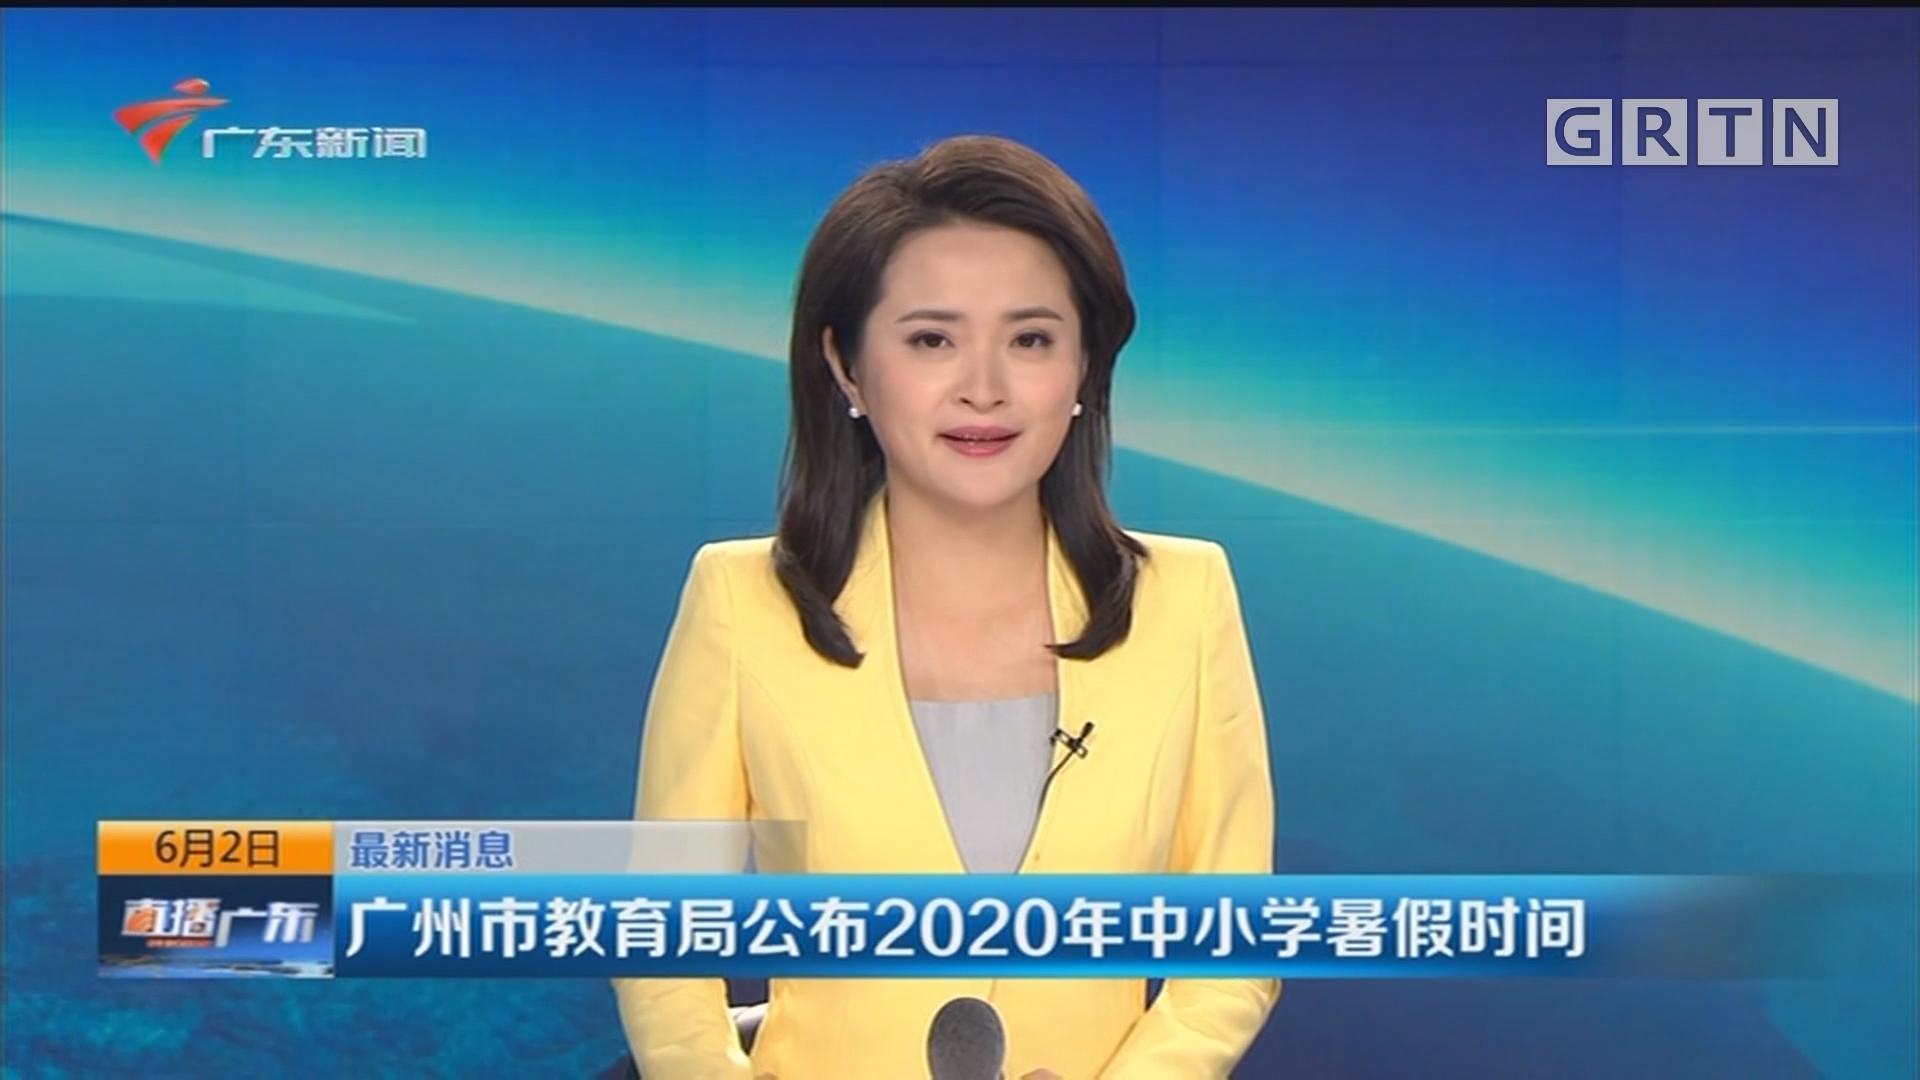 广州市教育局公布2020年中小学暑假时间